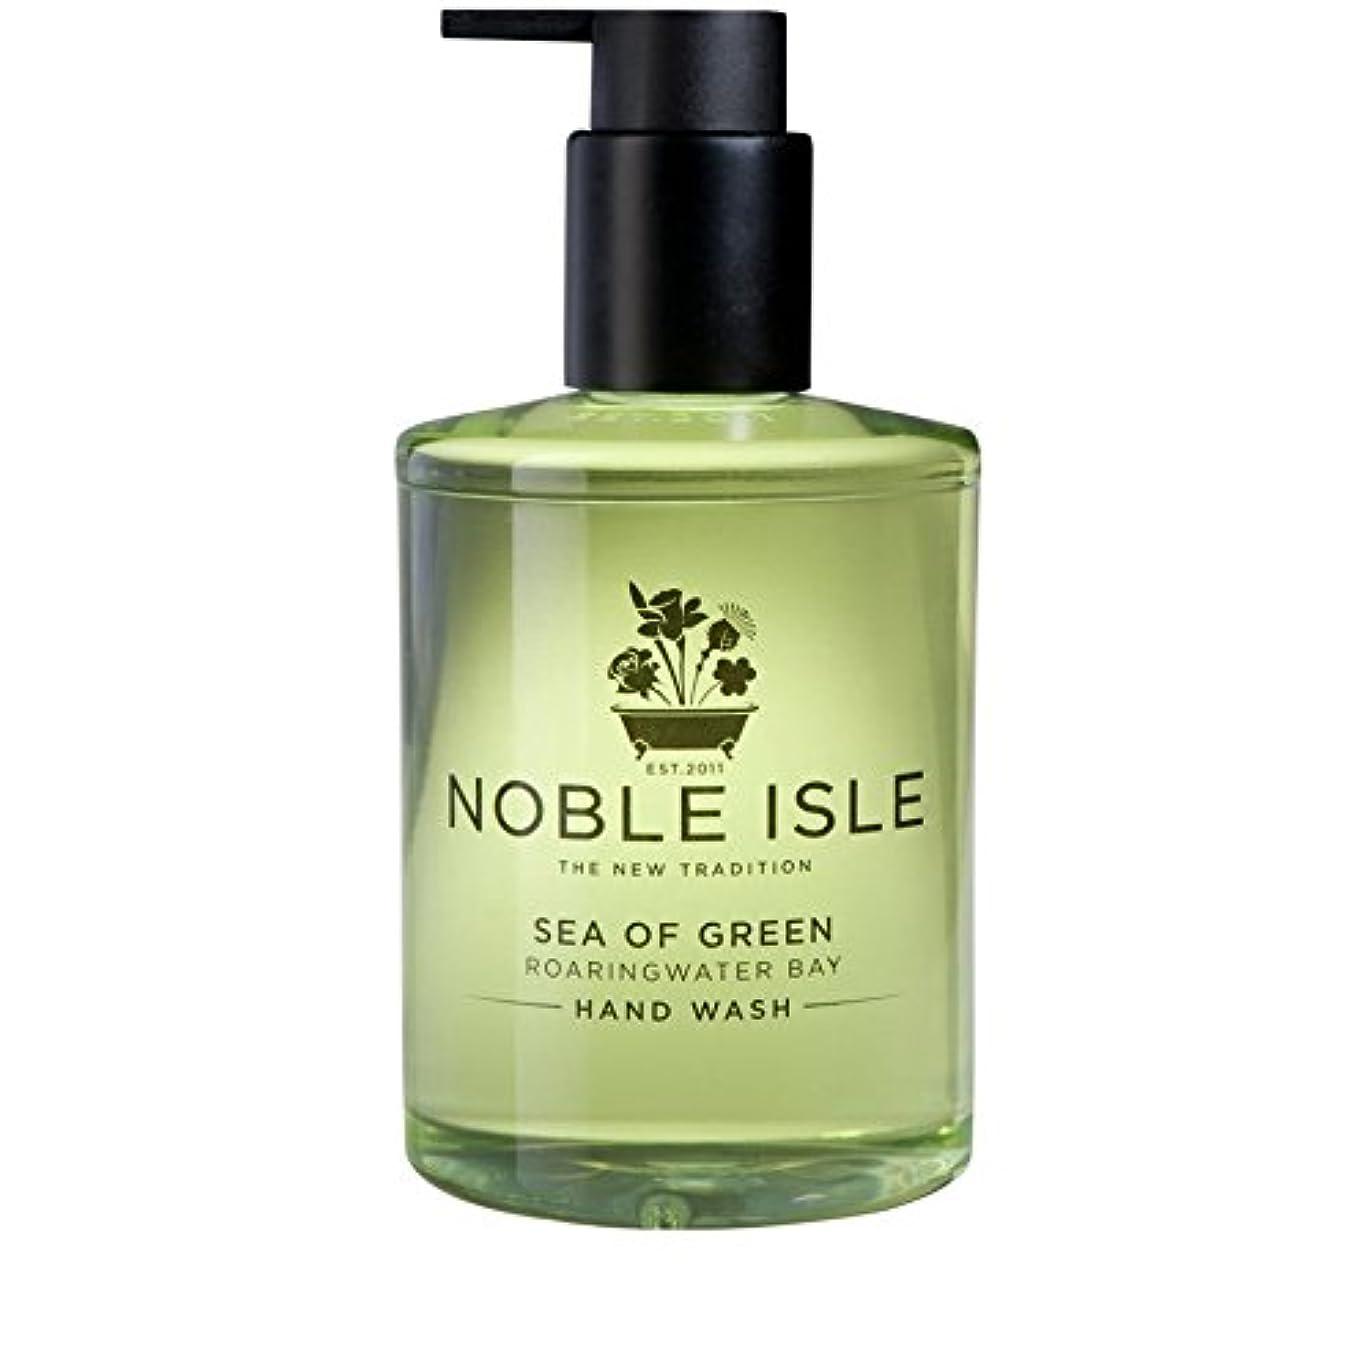 押す代表団目指すNoble Isle Sea of Green Roaringwater Bay Hand Wash 250ml - 緑ベイハンドウォッシュ250ミリリットルの高貴な島の海 [並行輸入品]